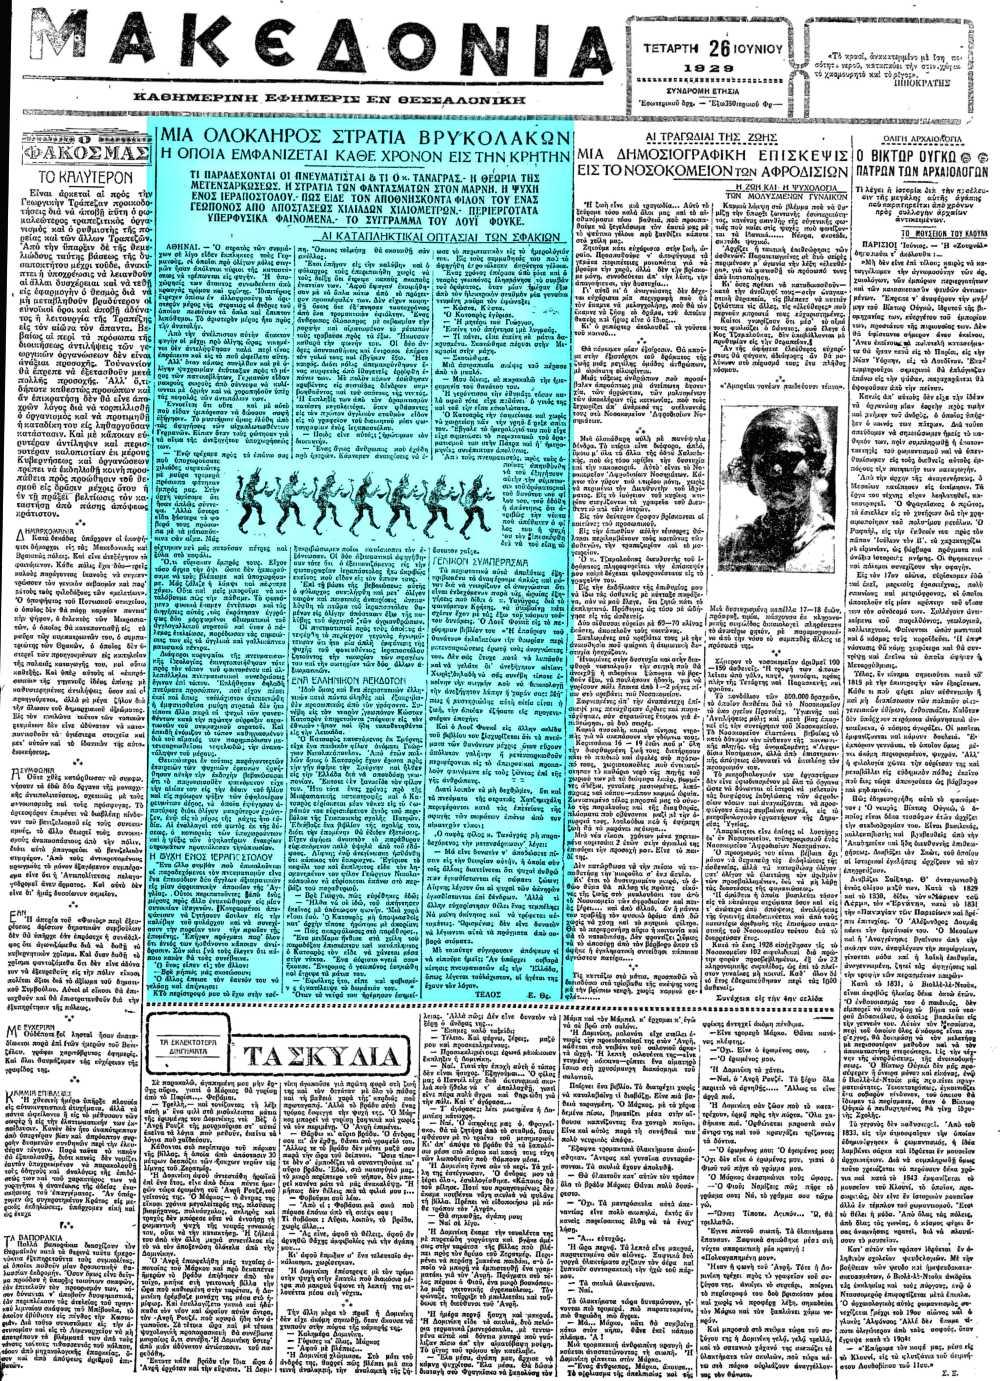 """Το άρθρο, όπως δημοσιεύθηκε στην εφημερίδα """"ΜΑΚΕΔΟΝΙΑ"""", στις 26/06/1929"""